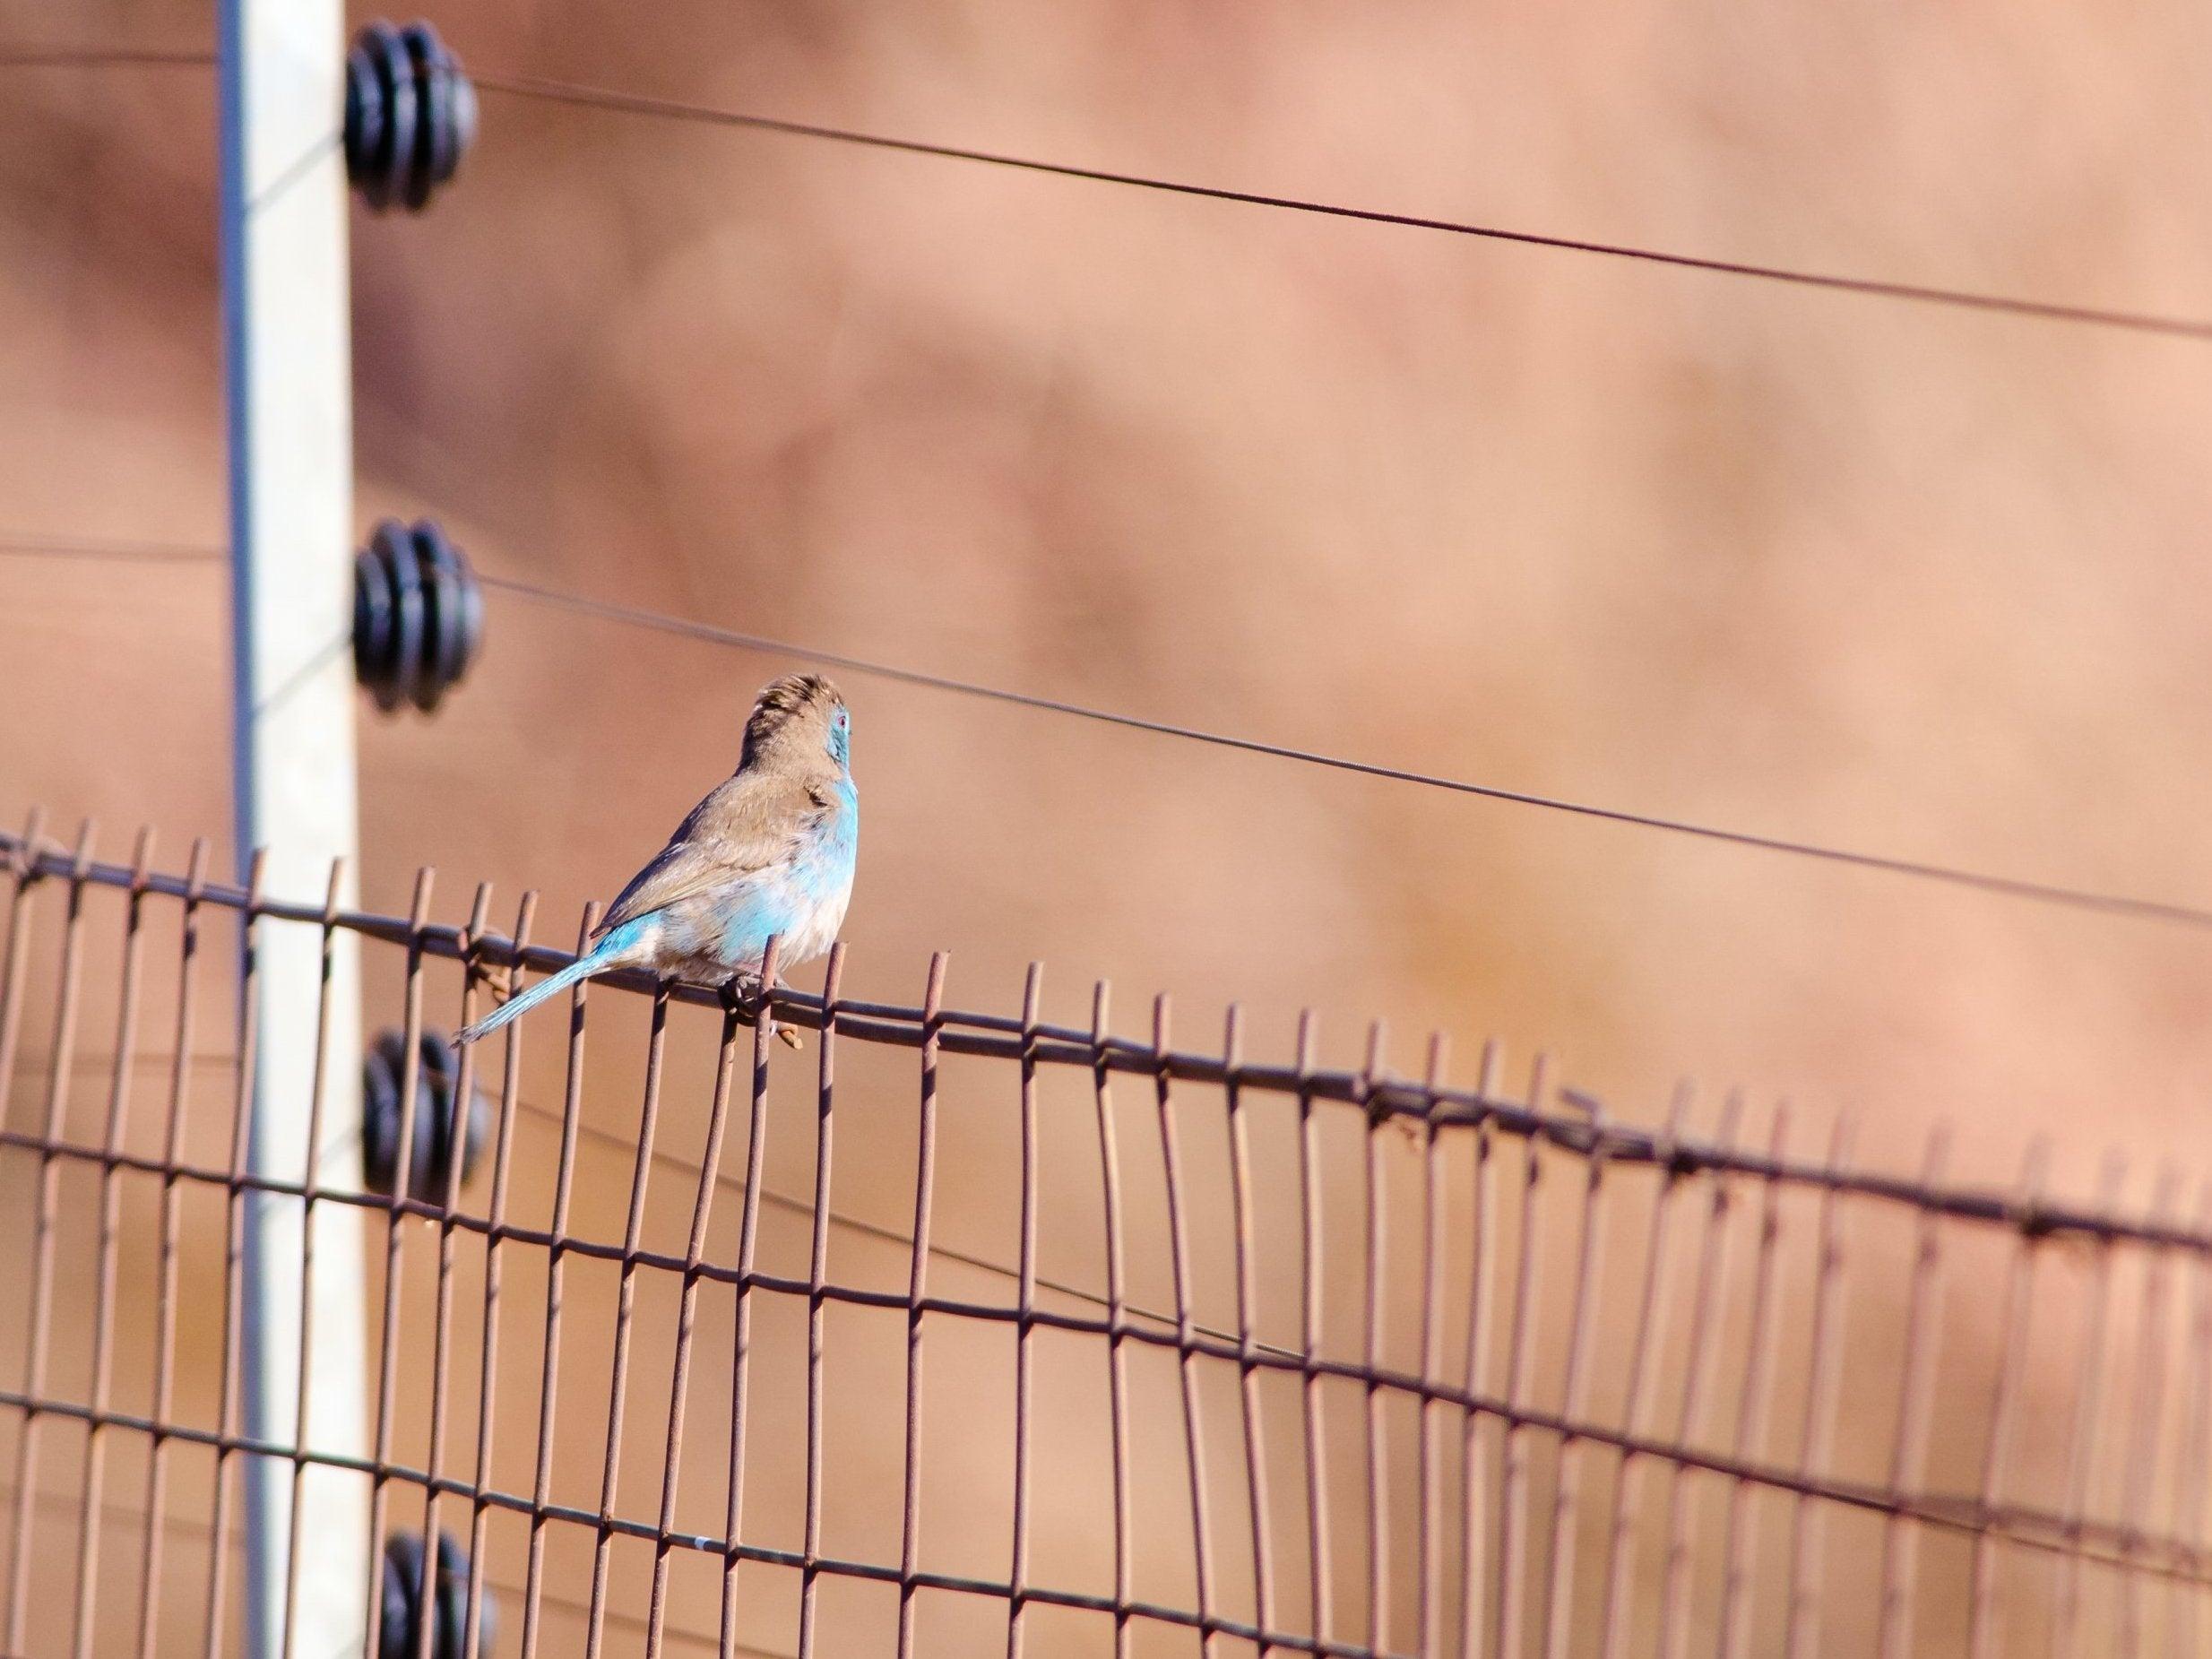 bird-power-line-south-africa.jpg